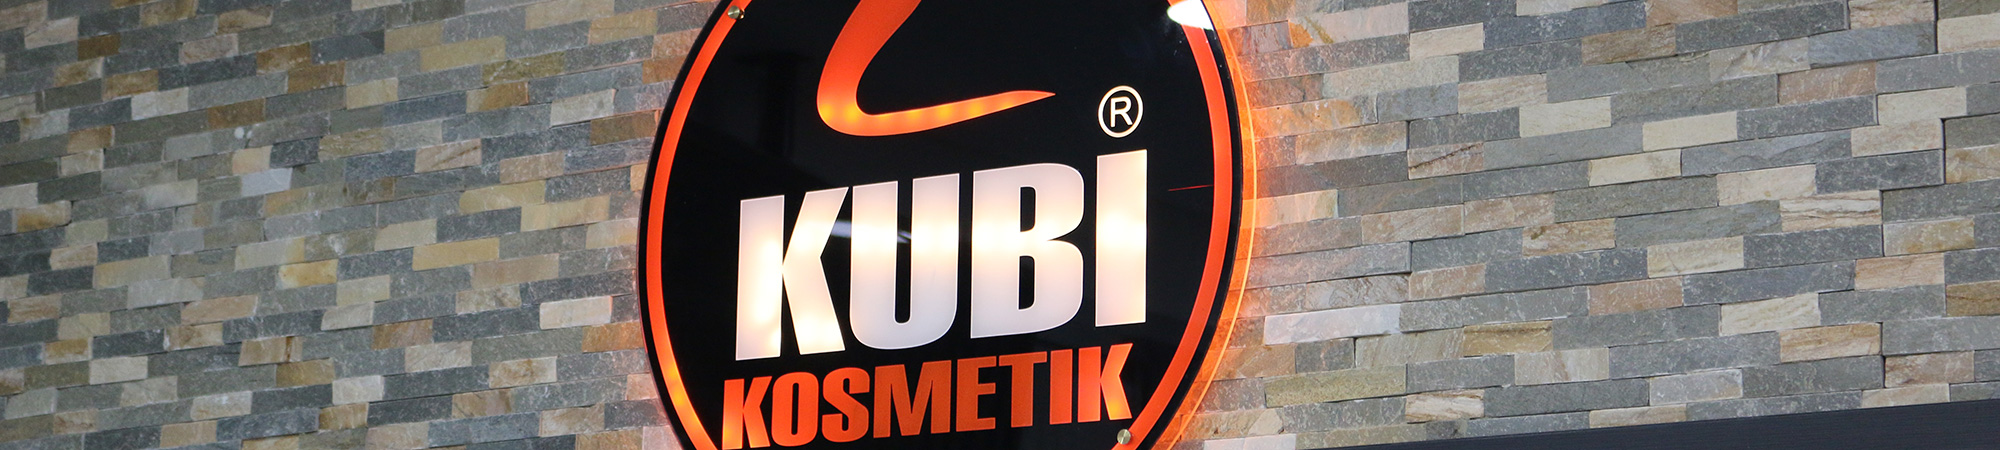 Kubi Coiffeur Kosmetik Professionelle Haarschnitte Und